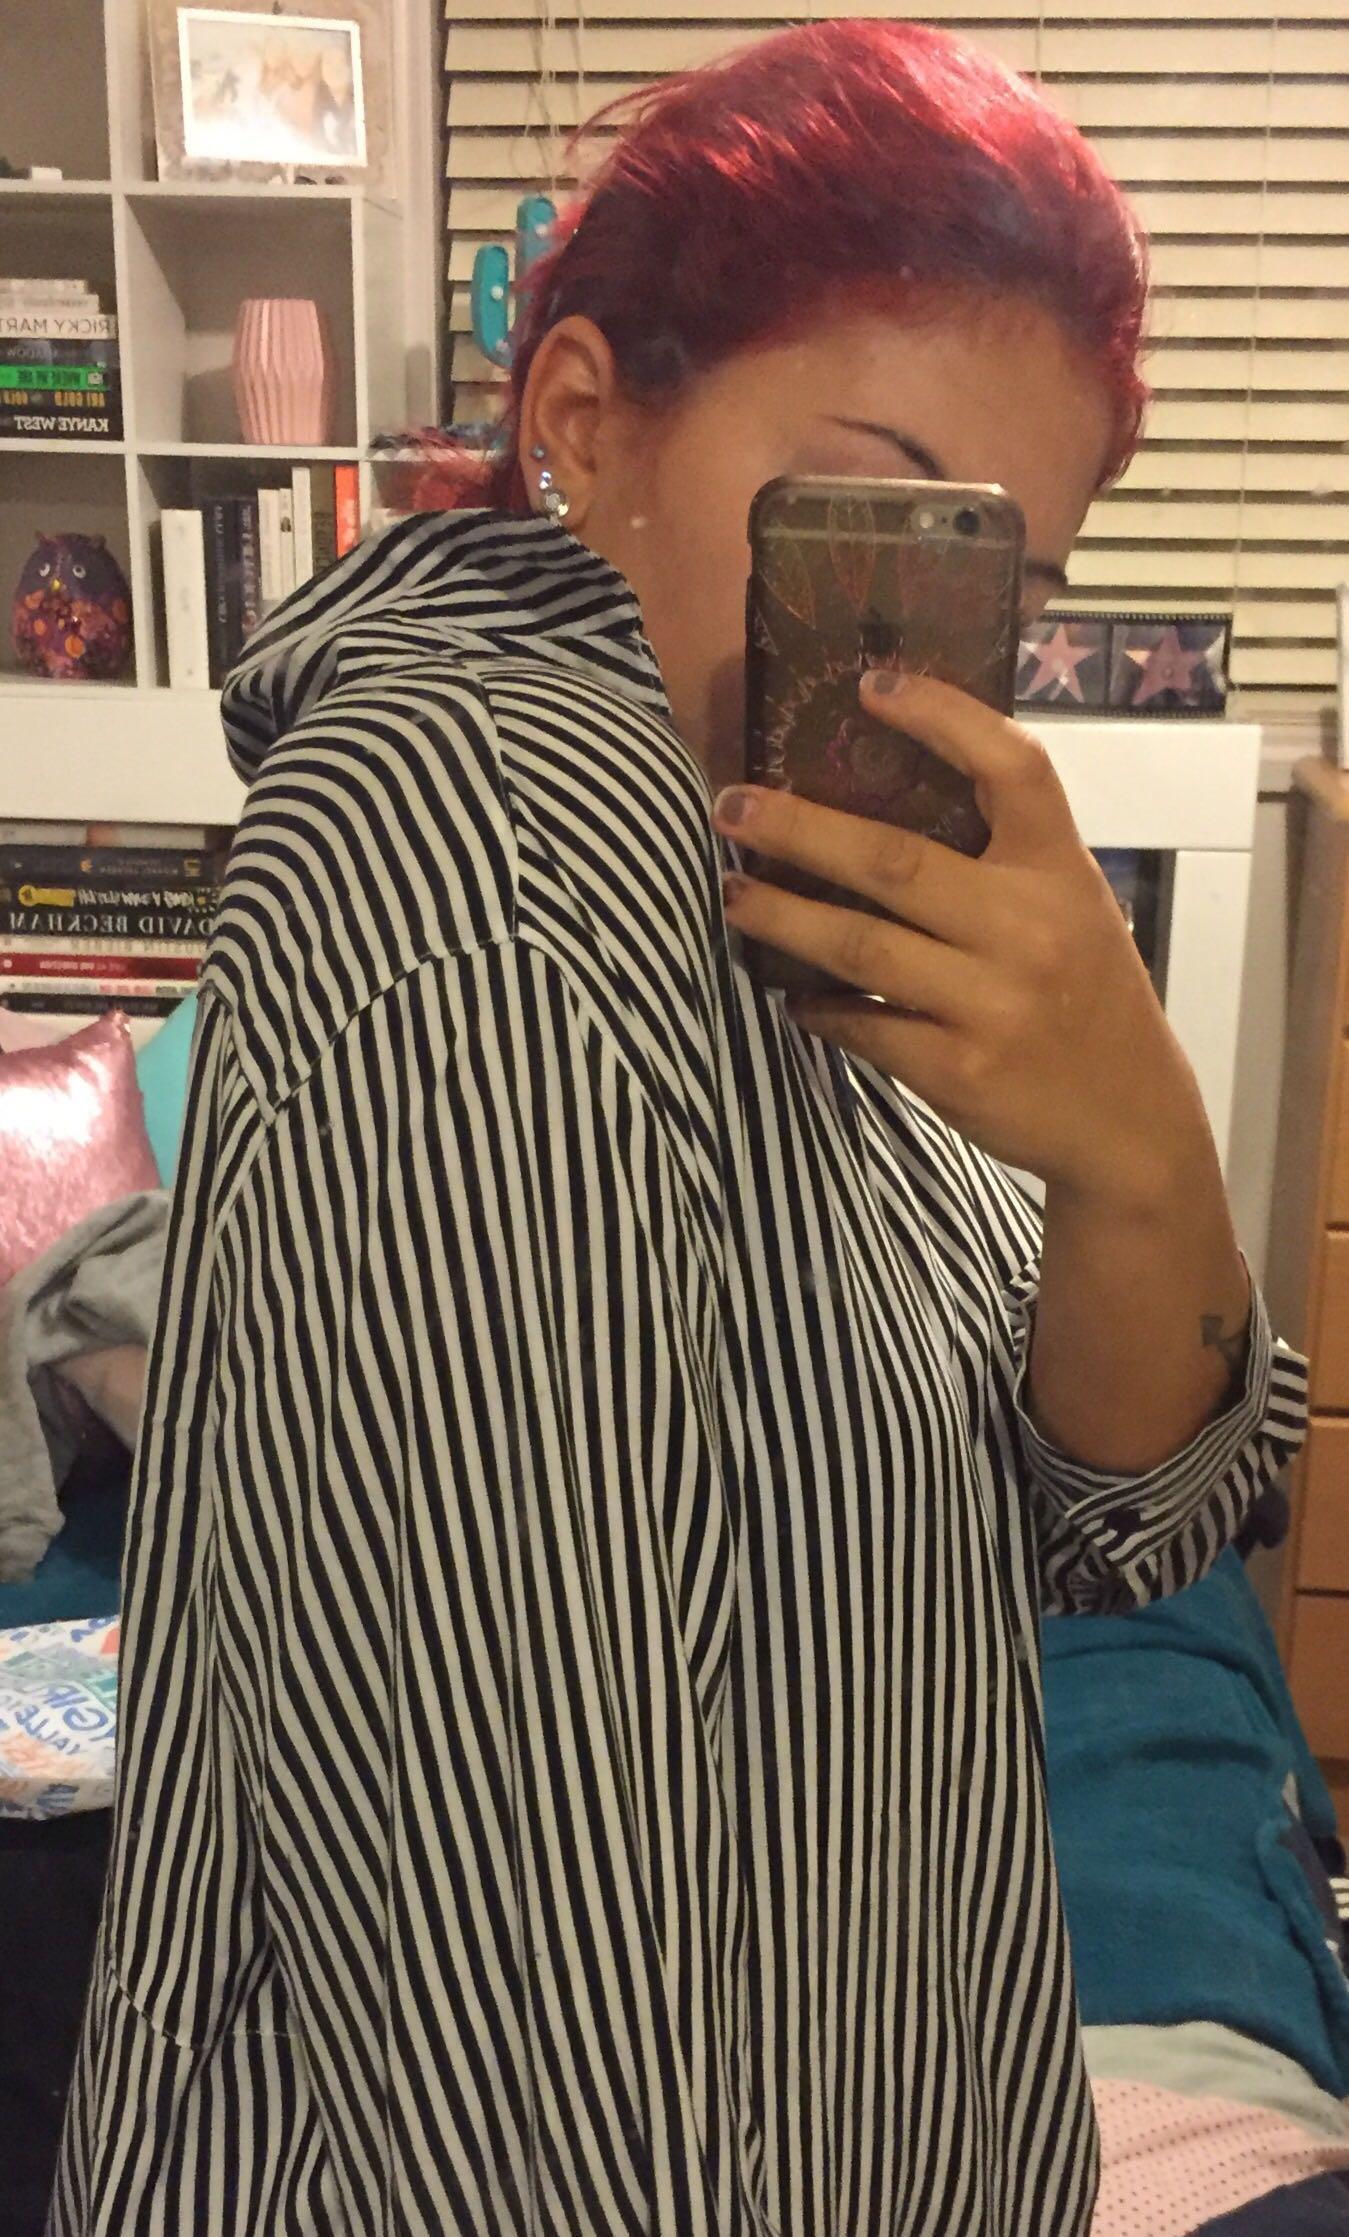 V neck navy stripped shirt